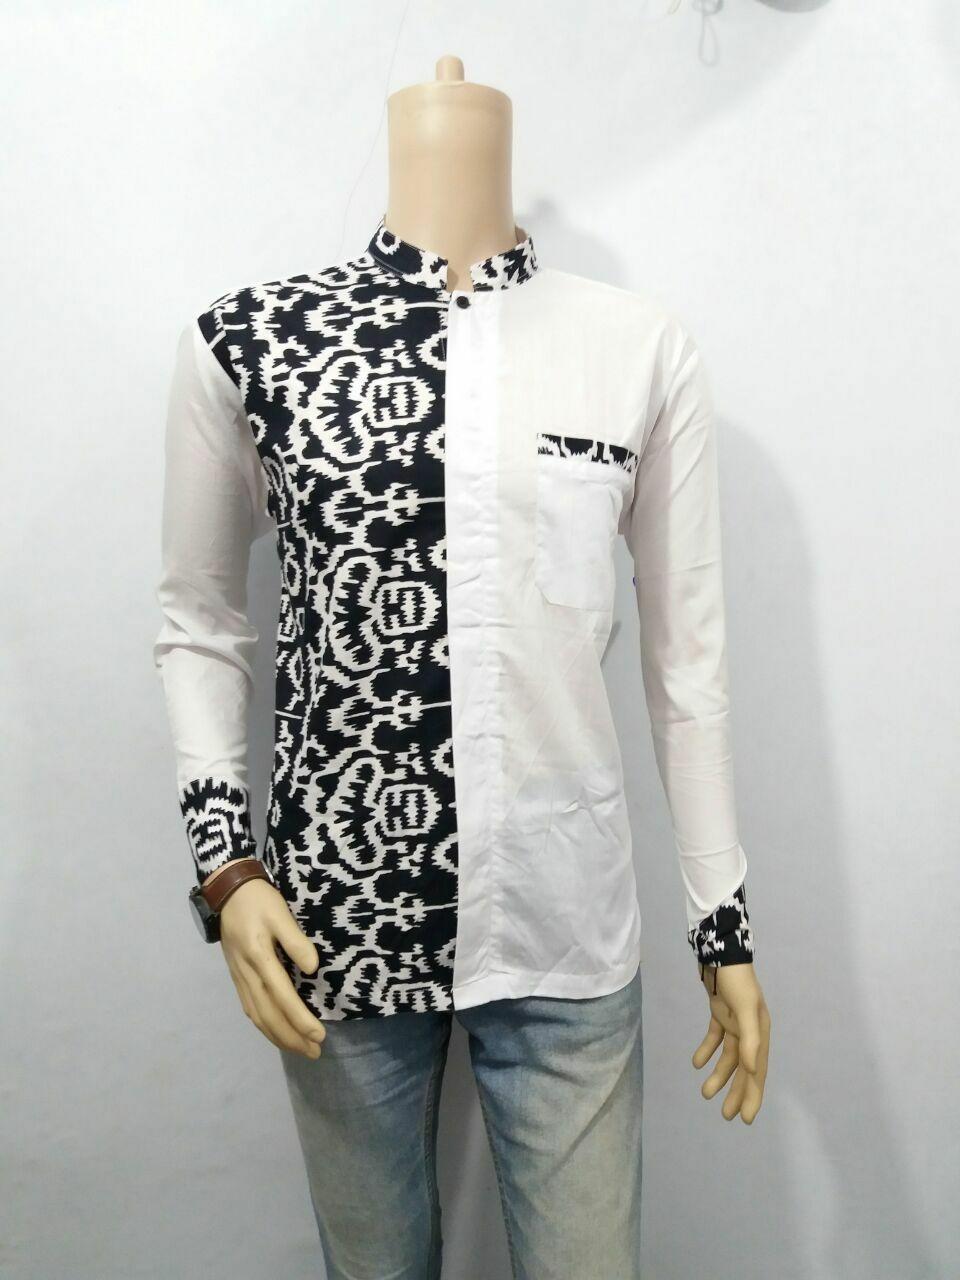 Batik Solo 4250 Kemeja Pria Motif Songket Merah Daftar Harga Produk Ukm Bumn Atasan Tenun Lengan Pendek Marun Koko Modern